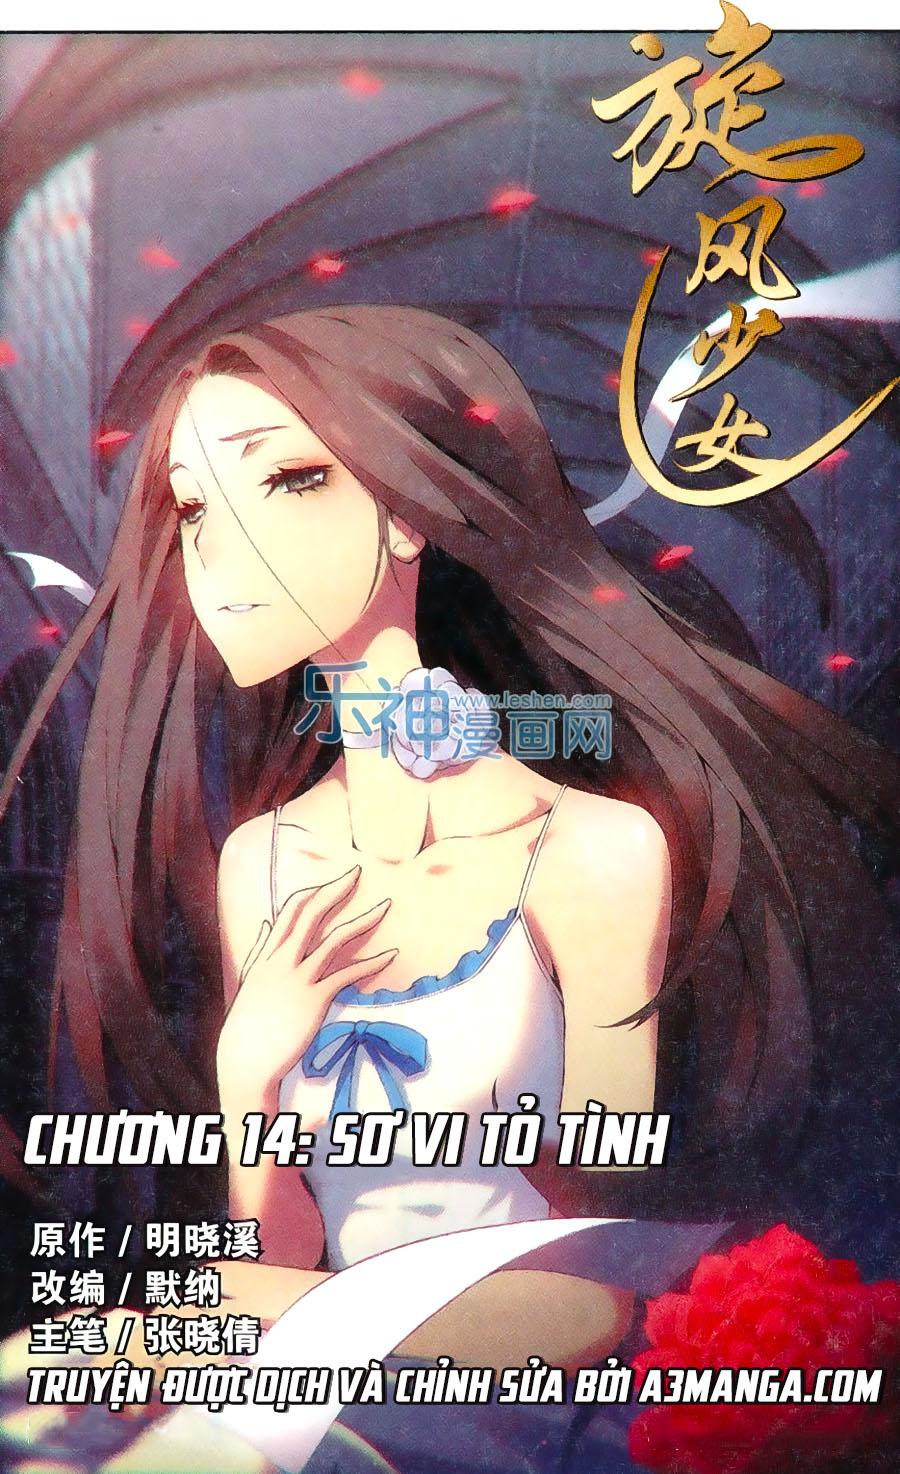 Thiếu Nữ Toàn Phong Chap 14